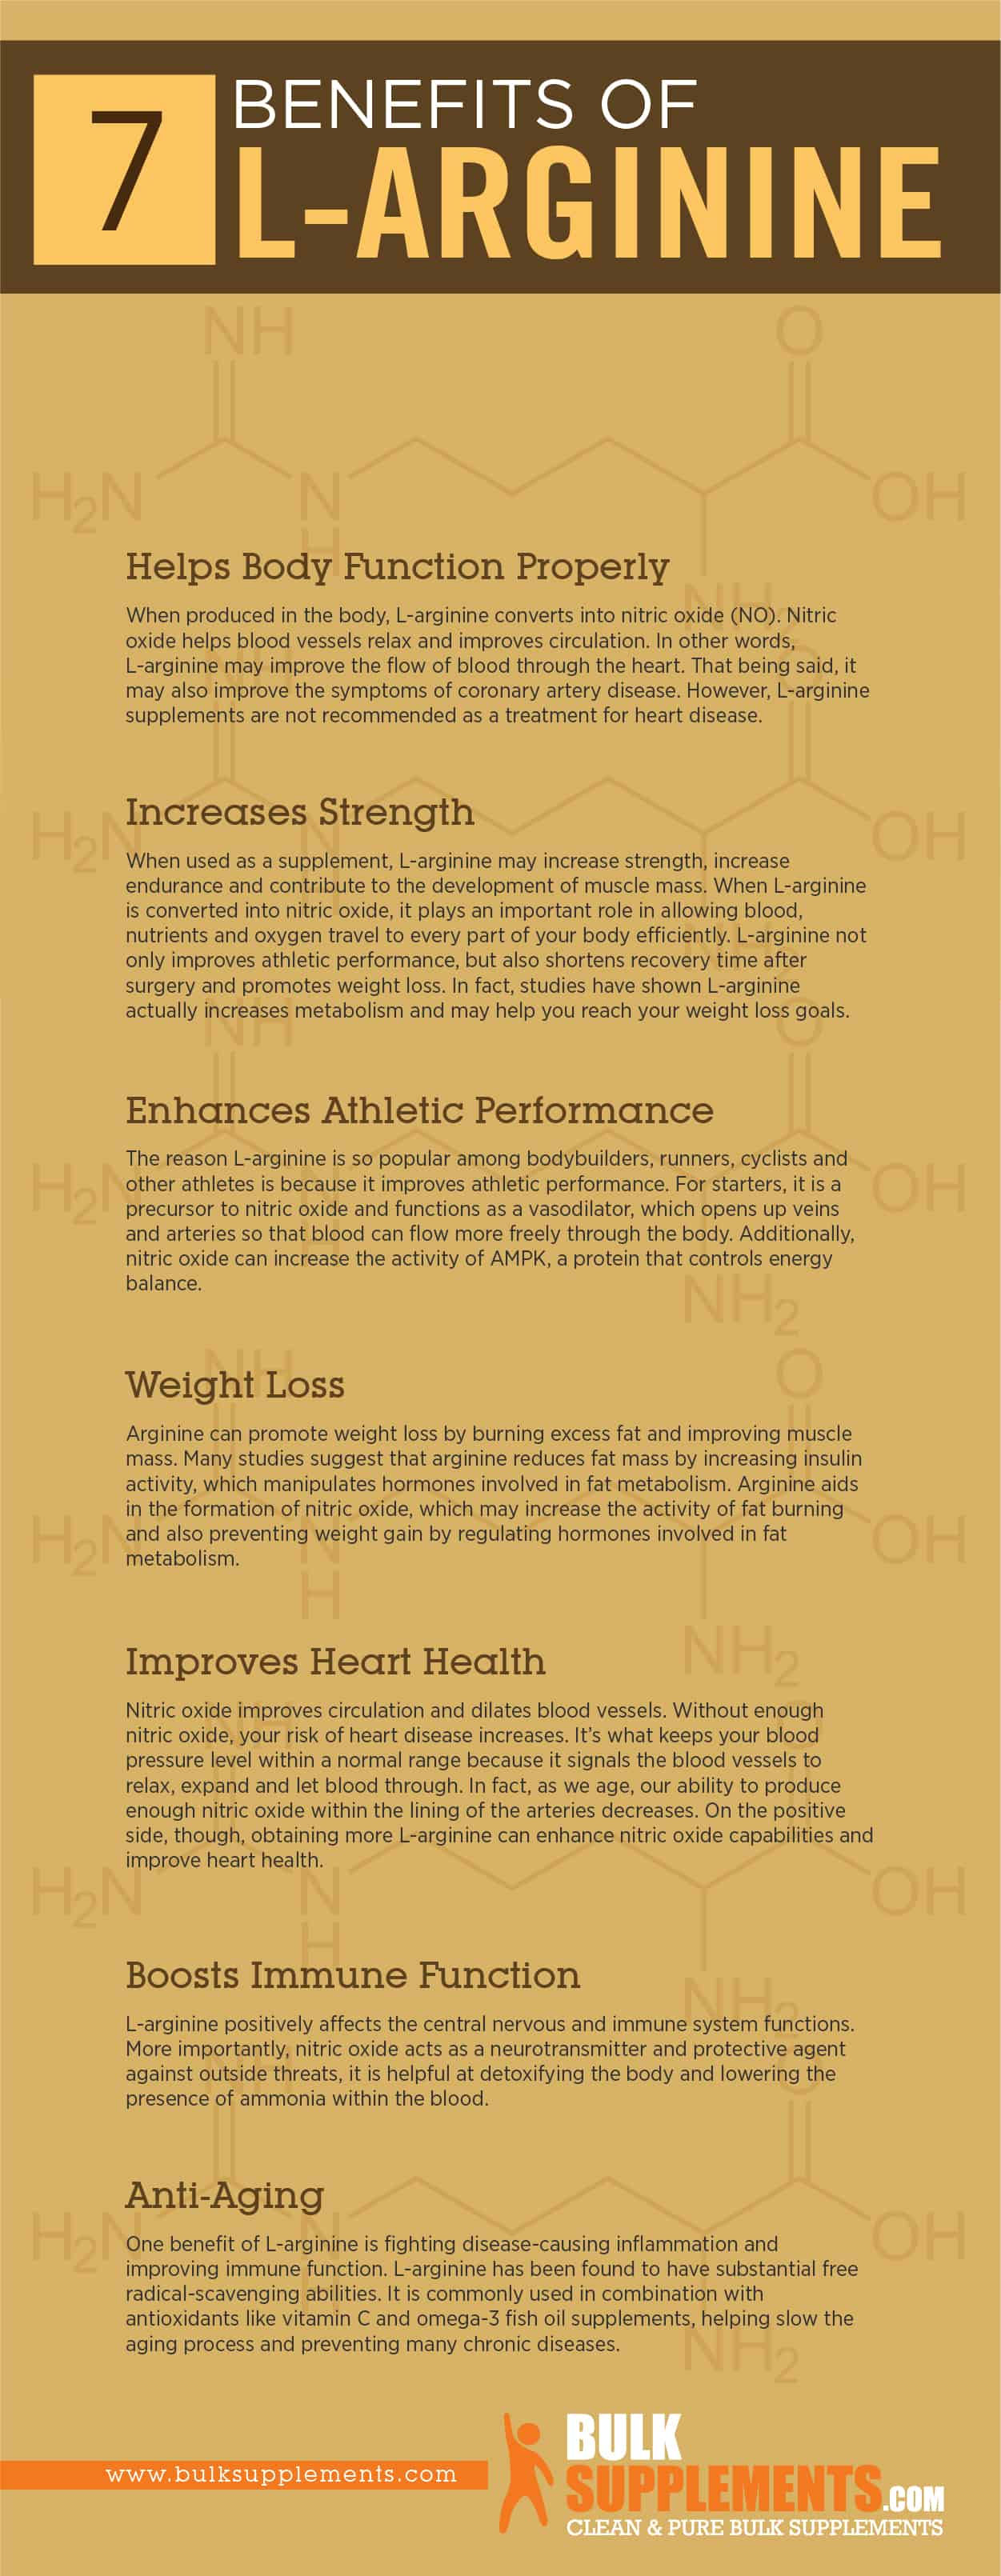 L-Arginine Benefits